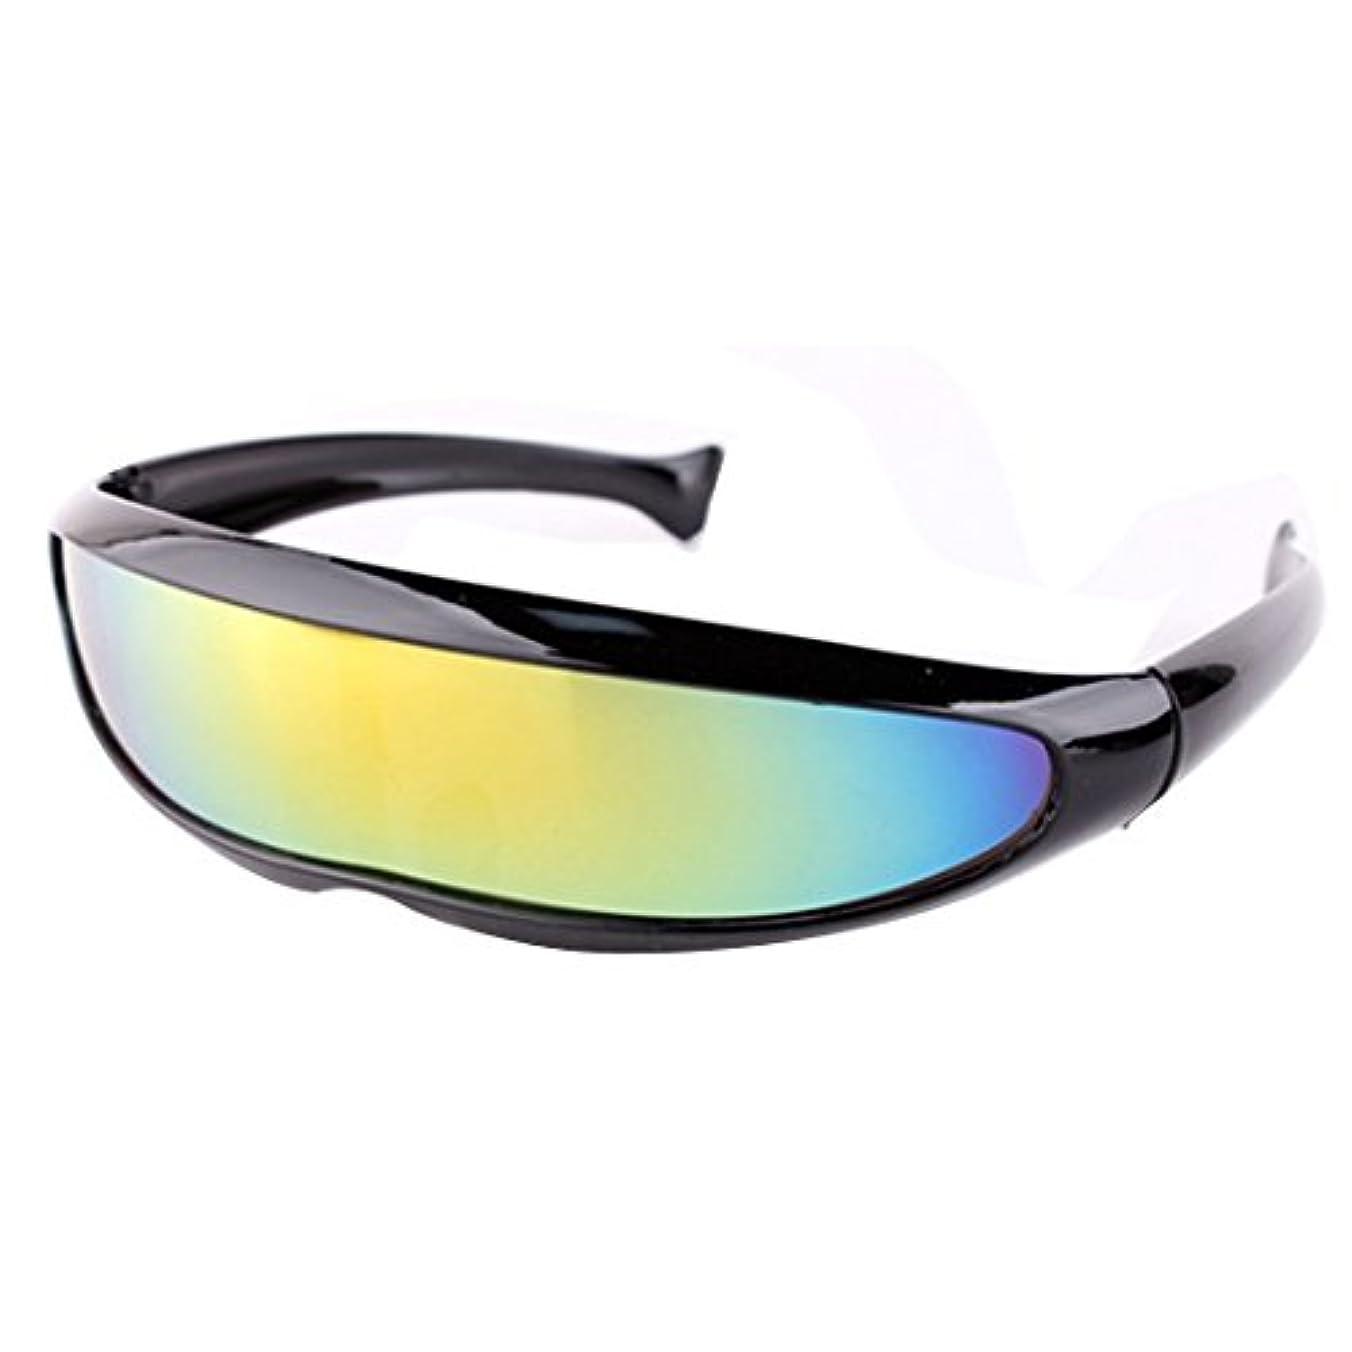 アレルギー性純粋な参加者Fairyjp カッコイイサングラス メンズスポーツサングラス UV400欧米式レンズ一体ゴーグル 超軽量偏光レンズ